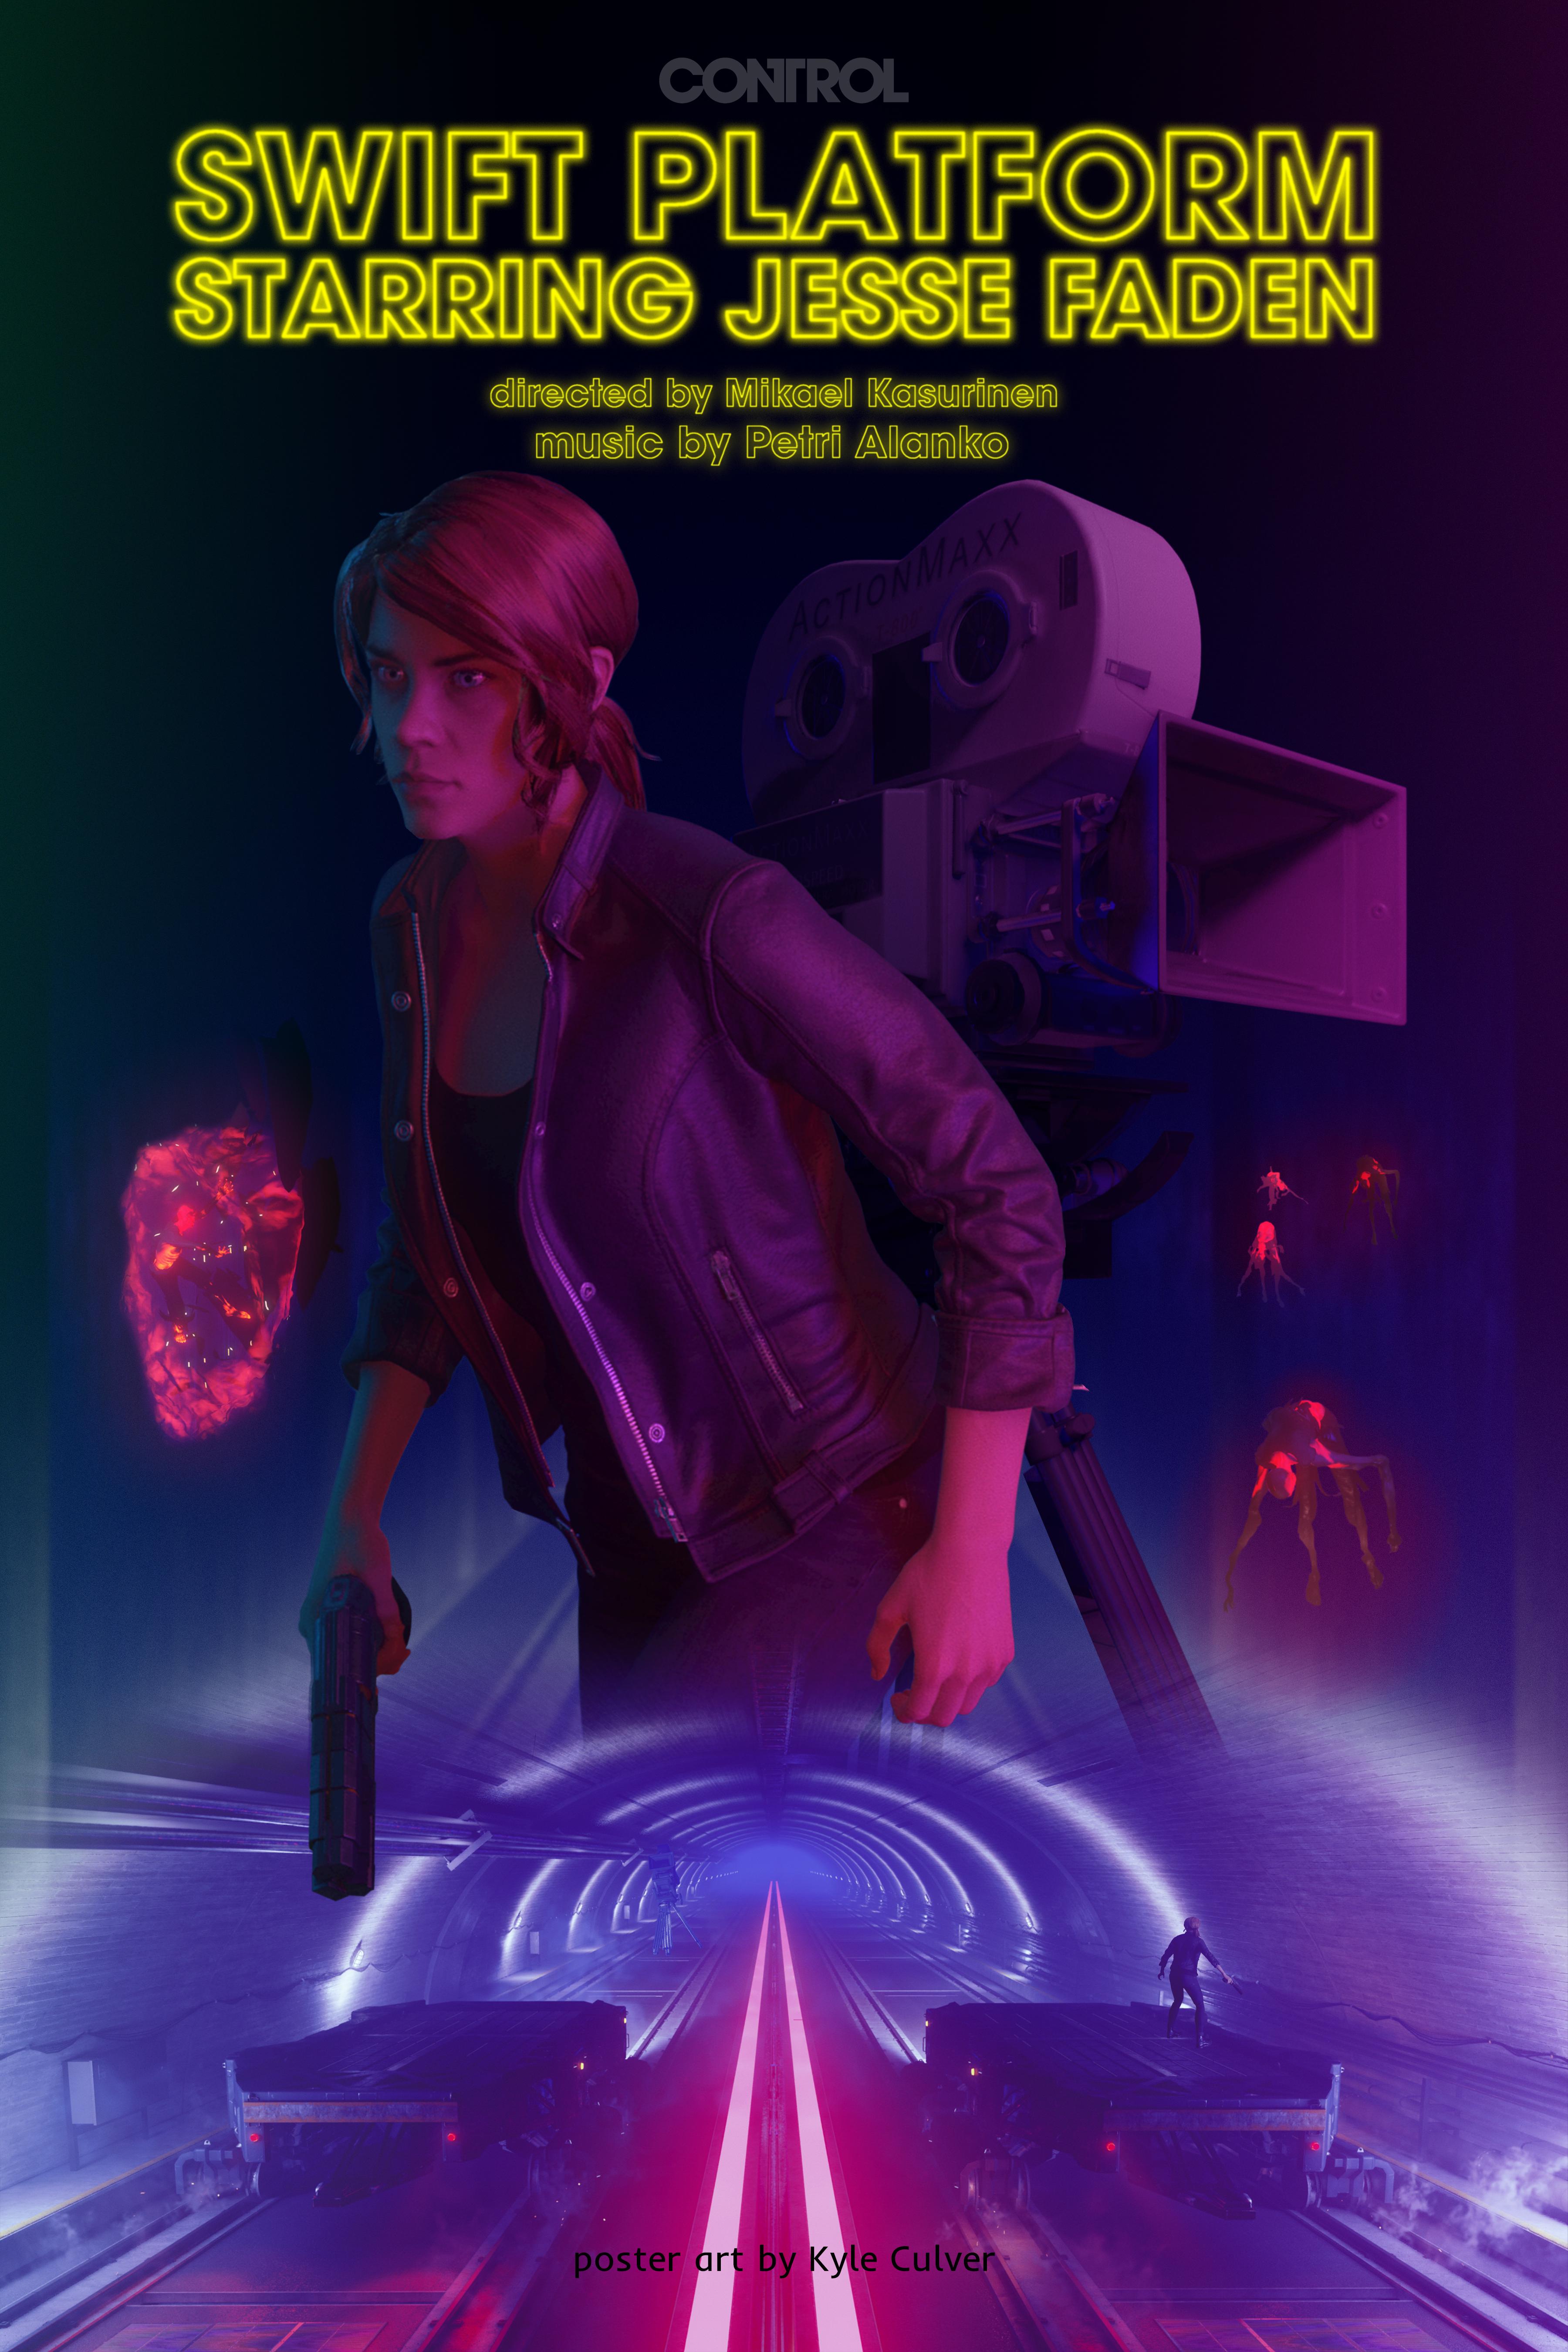 Swift Platform movie poster